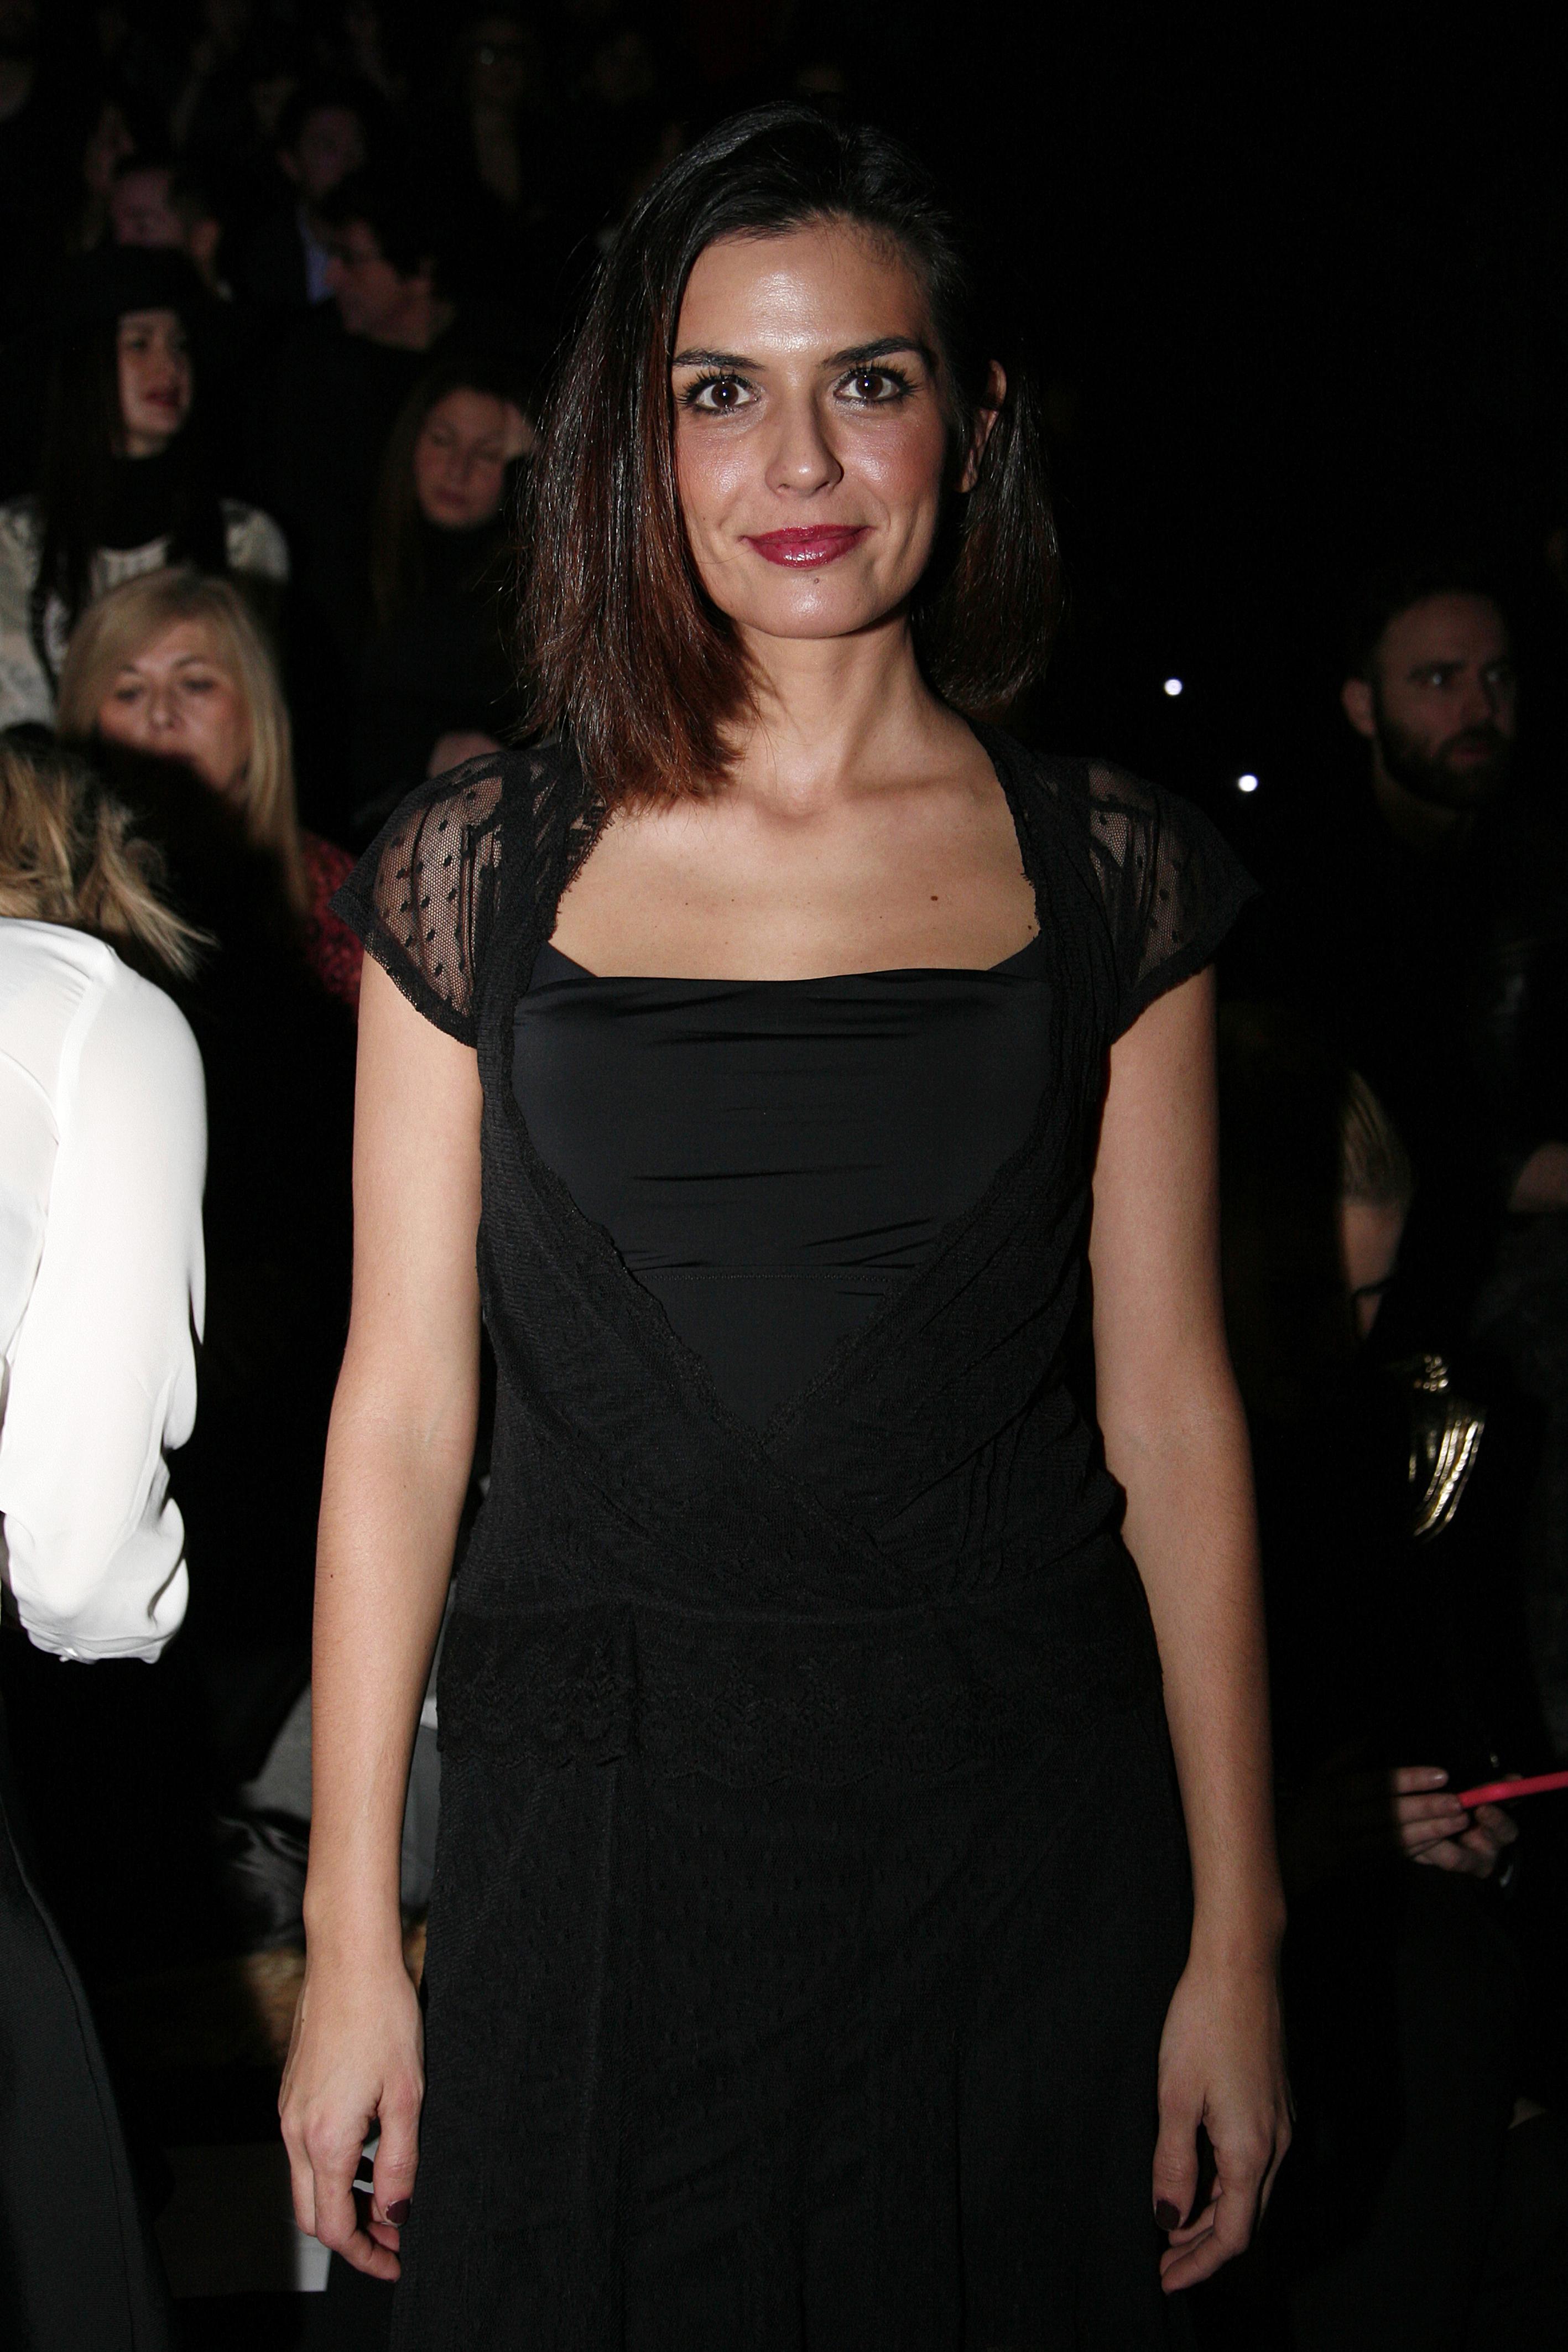 María Reyes